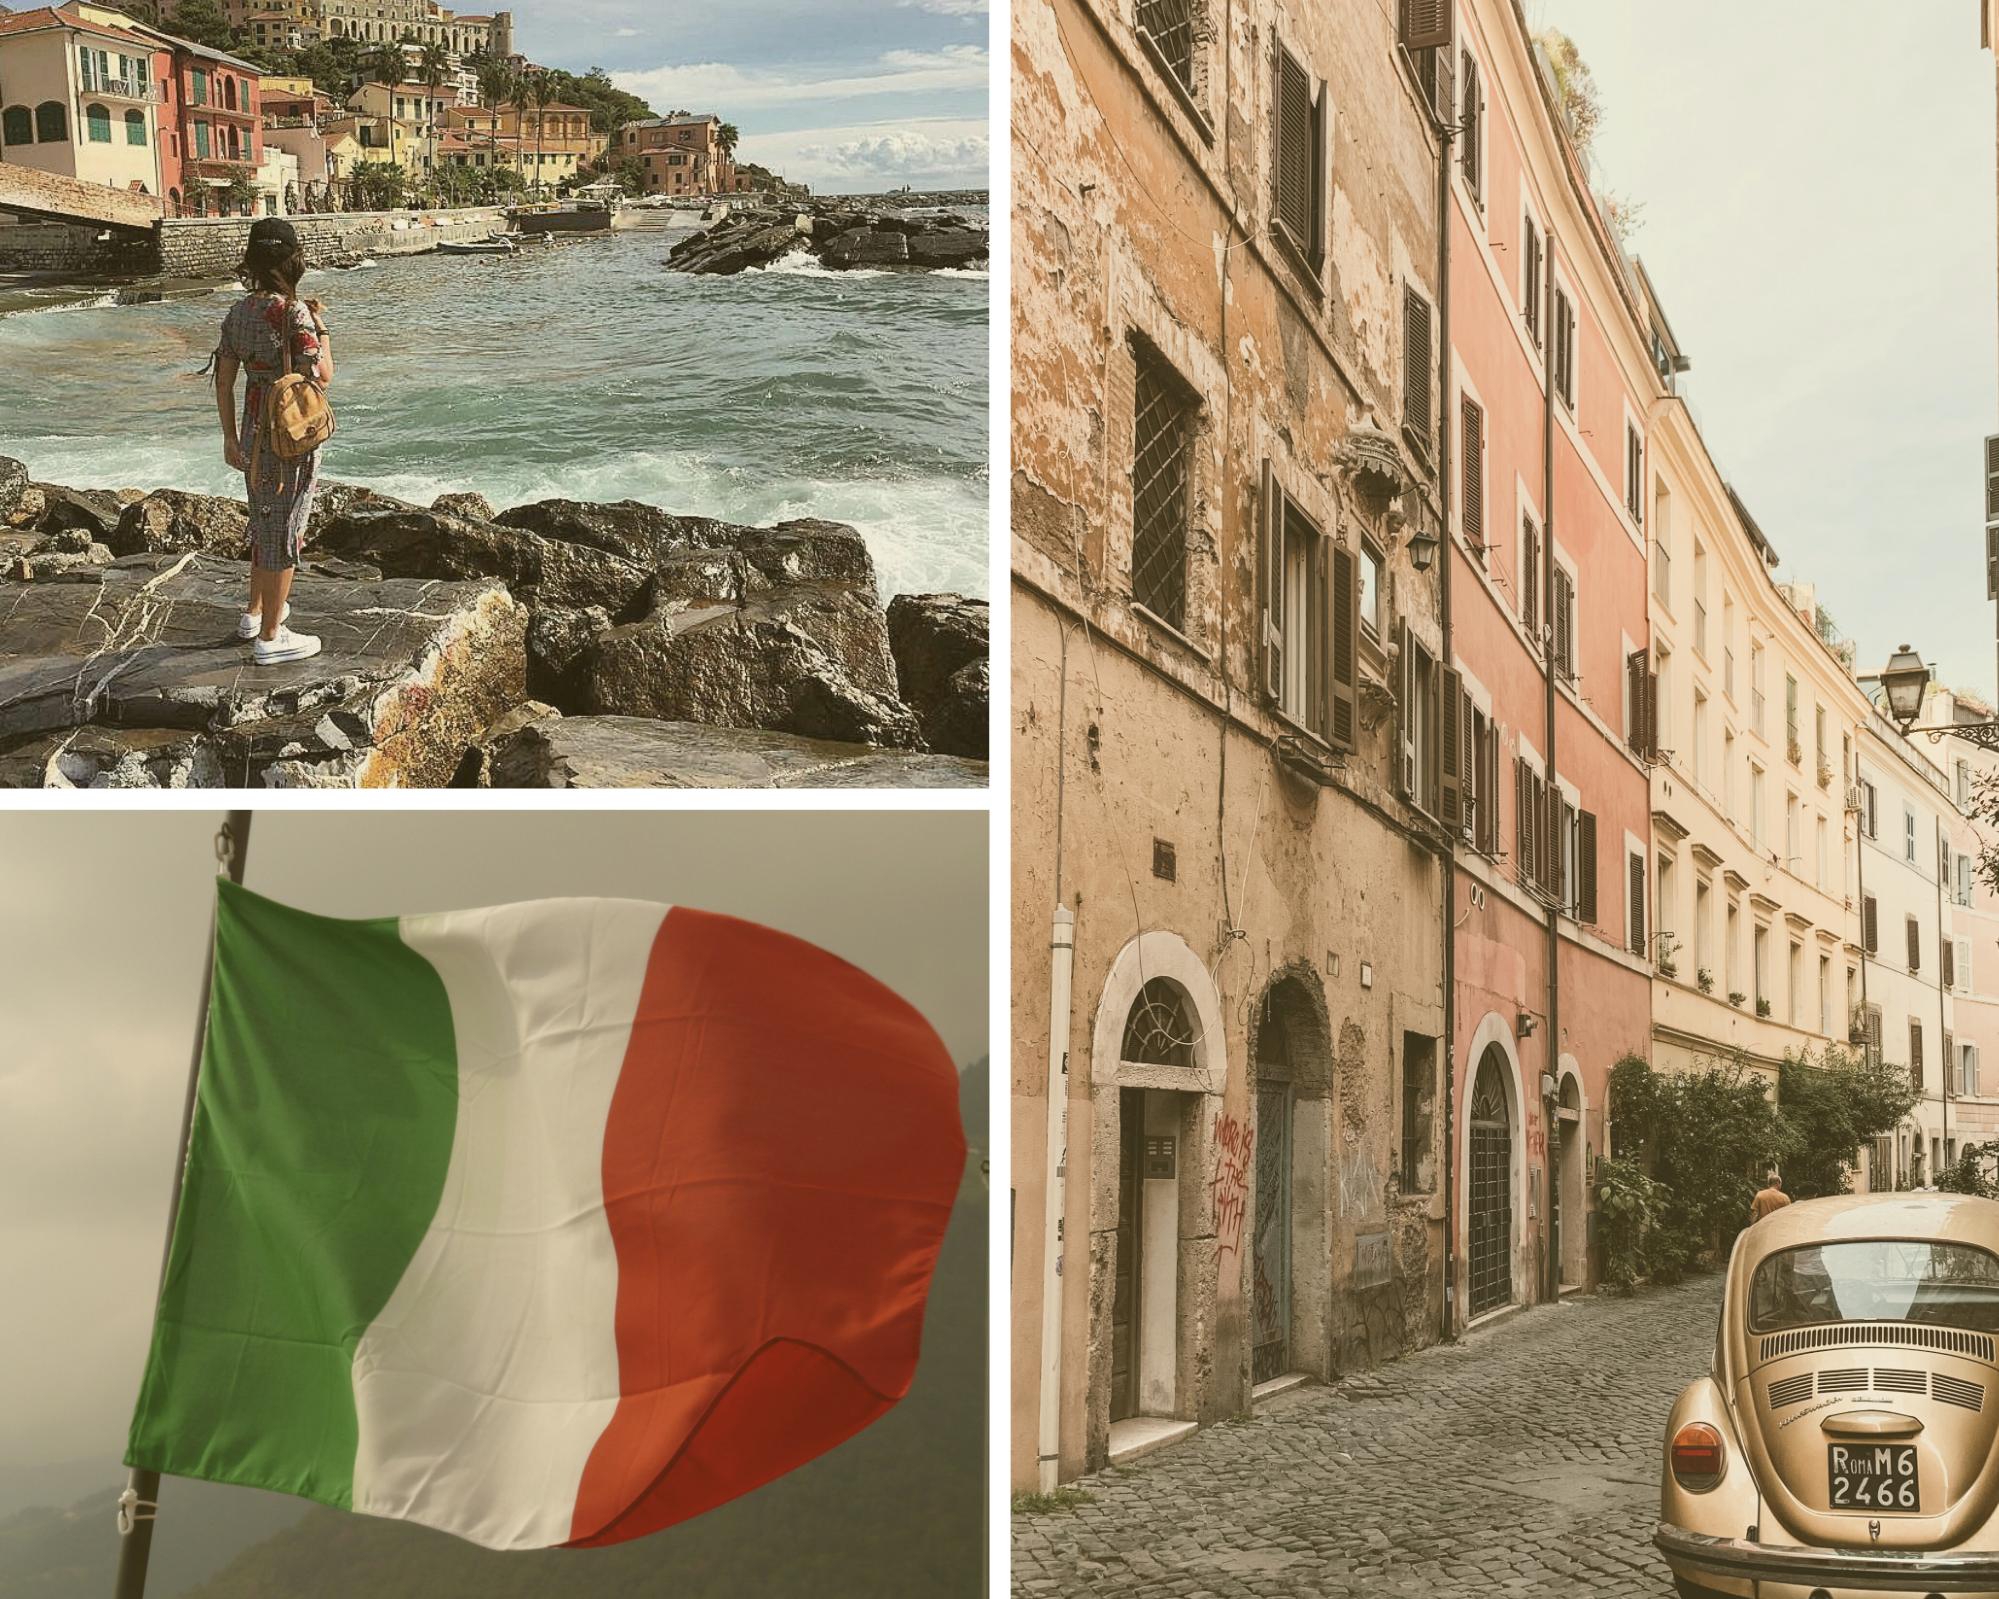 [:it]Eventi settembre in Italia: Gli eventi imperdibili del mese[:en]SEPTEMBER EVENTS IN ITALY: THE UNMISSABLE EVENTS OF THE MONTH[:]